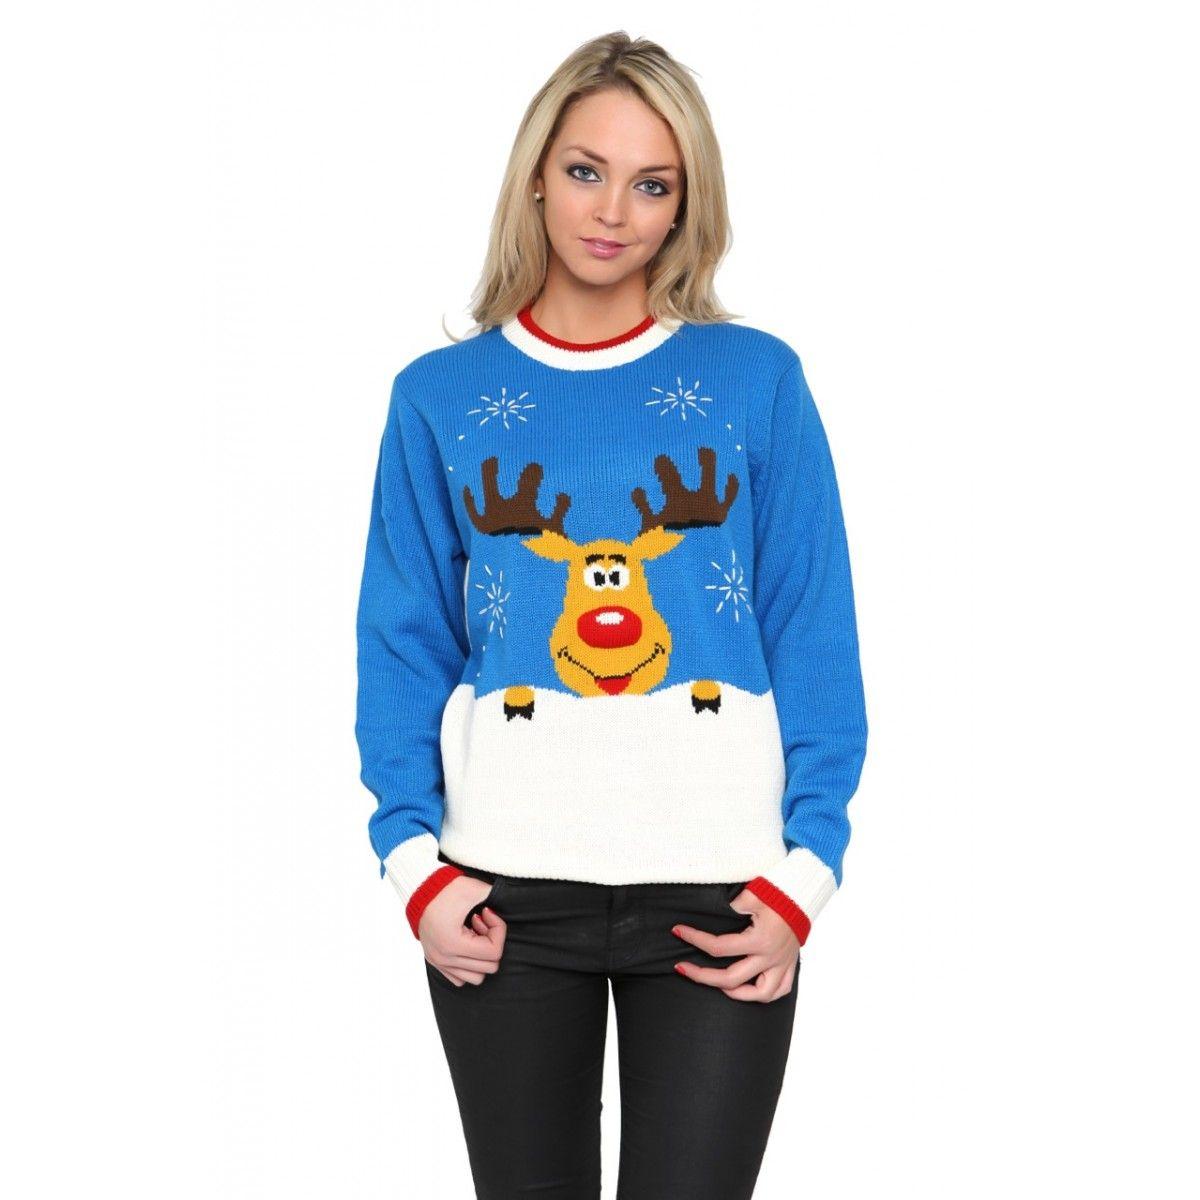 Kersttrui Dames Rendier.Rudolph Rendier Kersttrui Dames Van Alles Sweatshirts Graphic